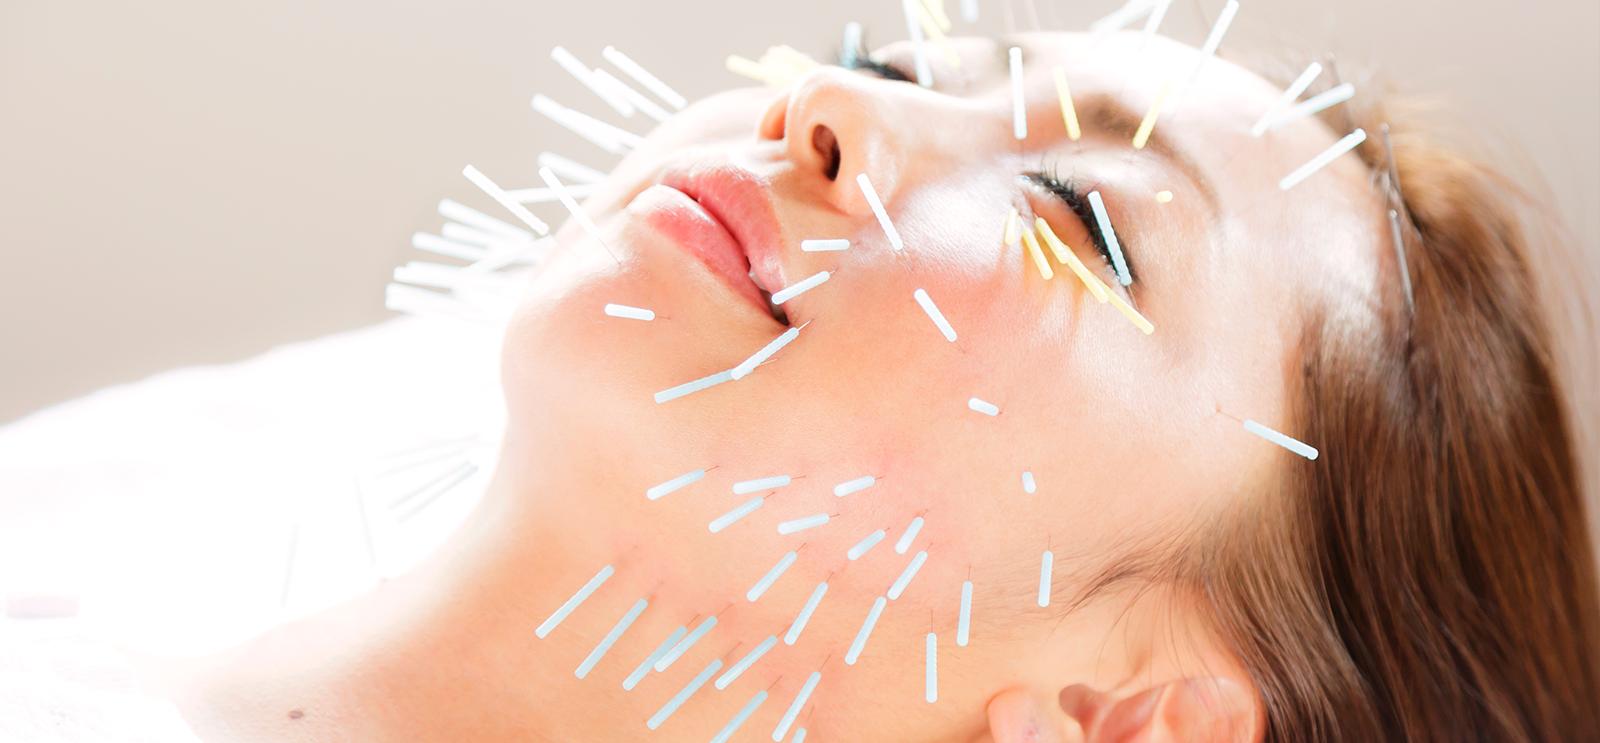 国家資格取得者による施術安全で効果の高い美容鍼灸を実践し